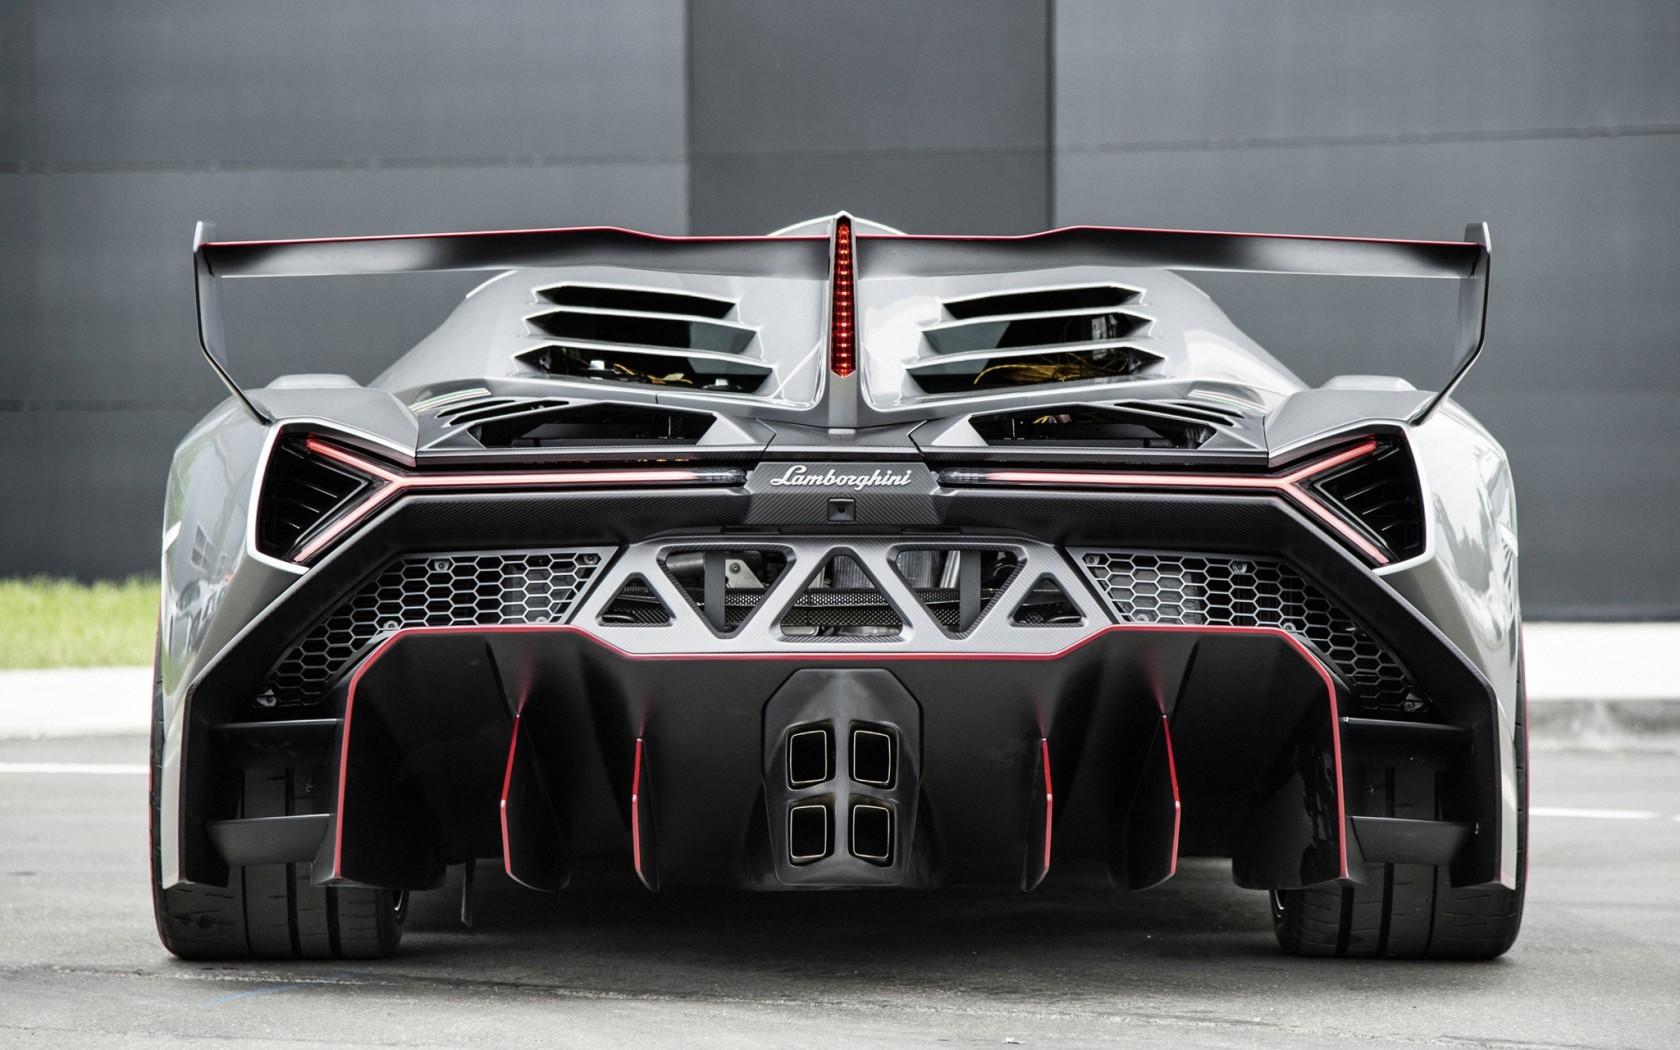 Fondos De Pantalla 1680x1050 Px Coche Lamborghini Veneno